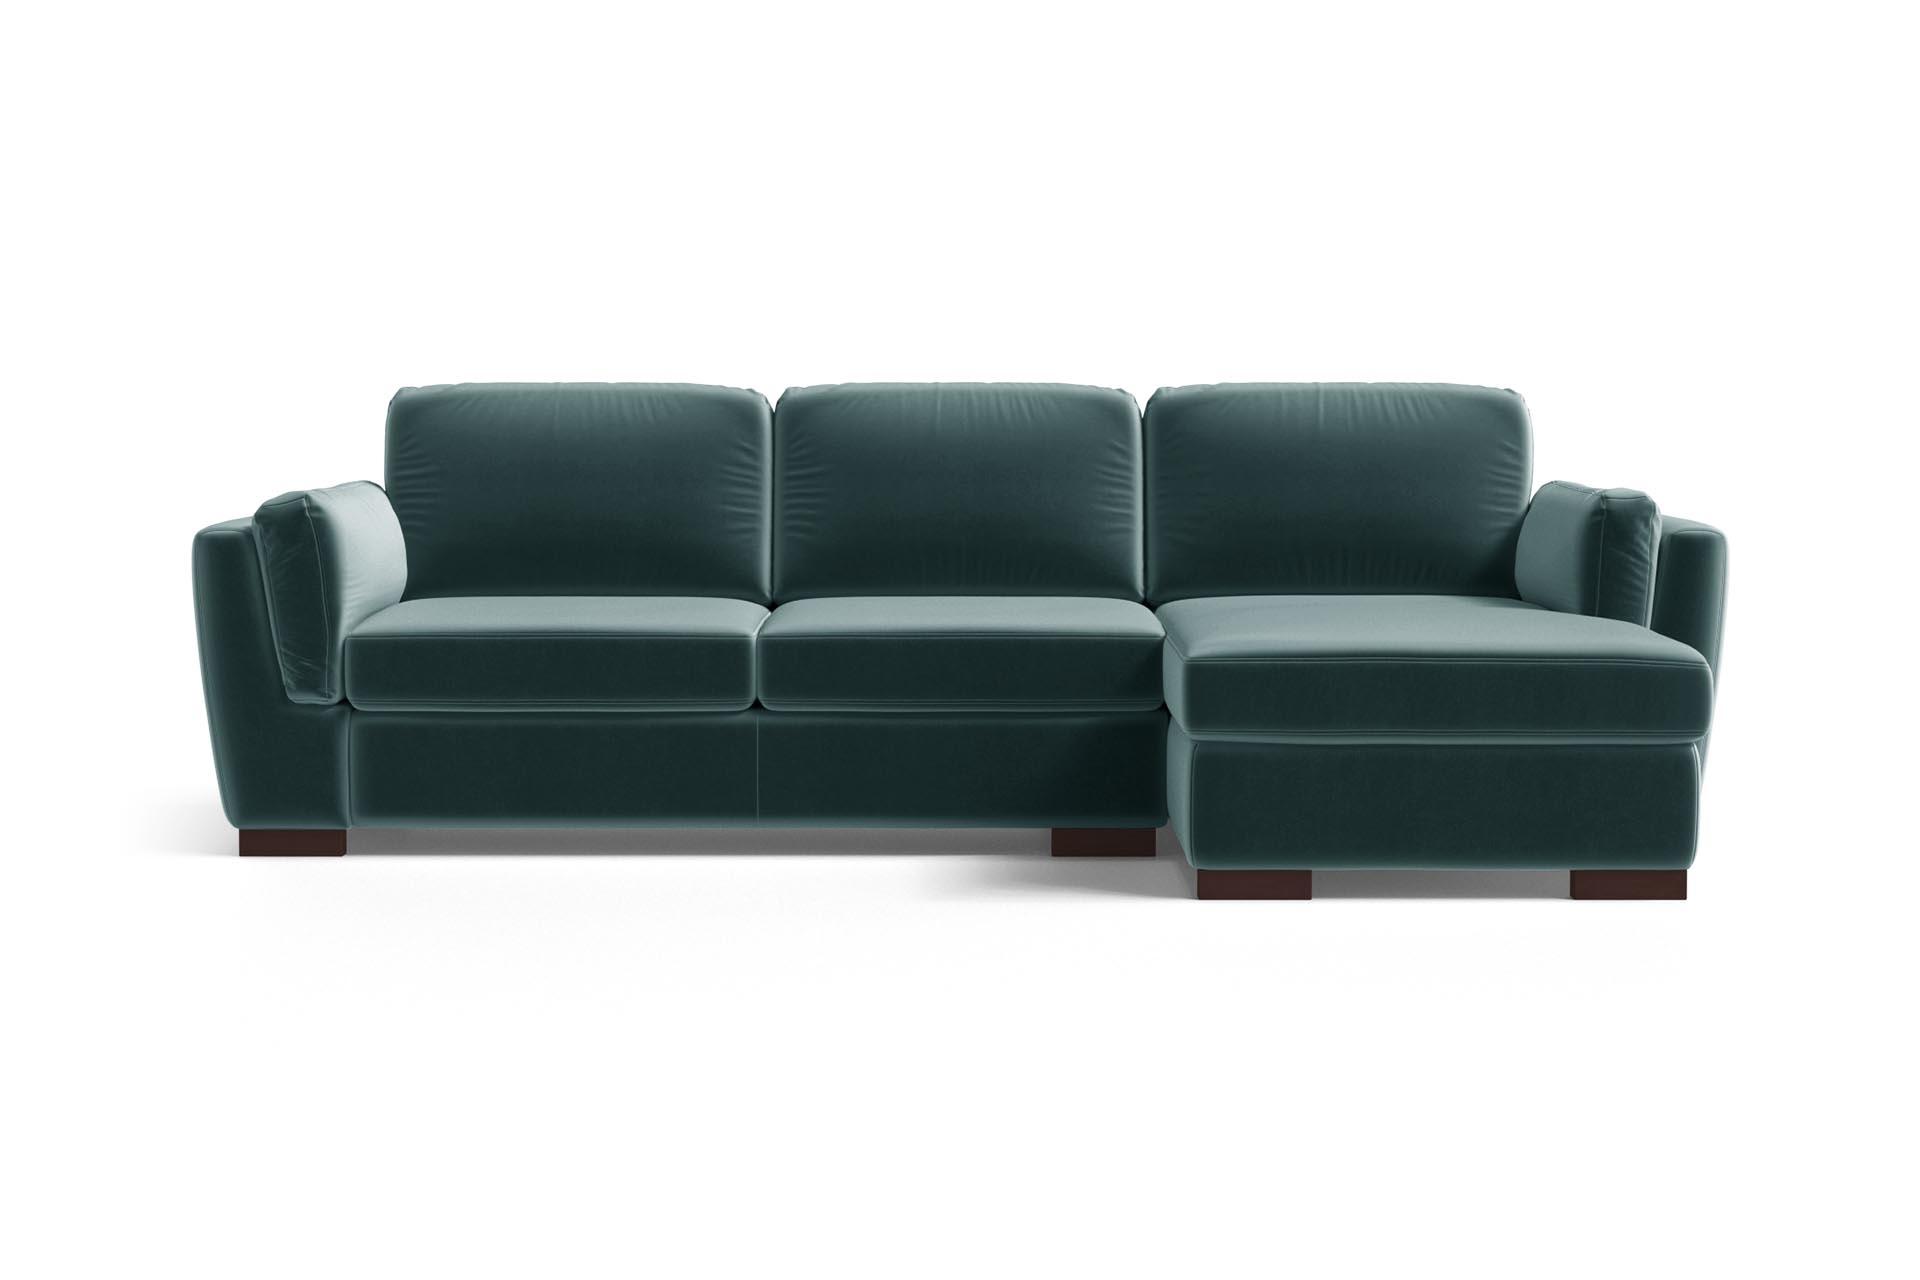 Canapé d'angle droit 4 places en velours bleu pétrole